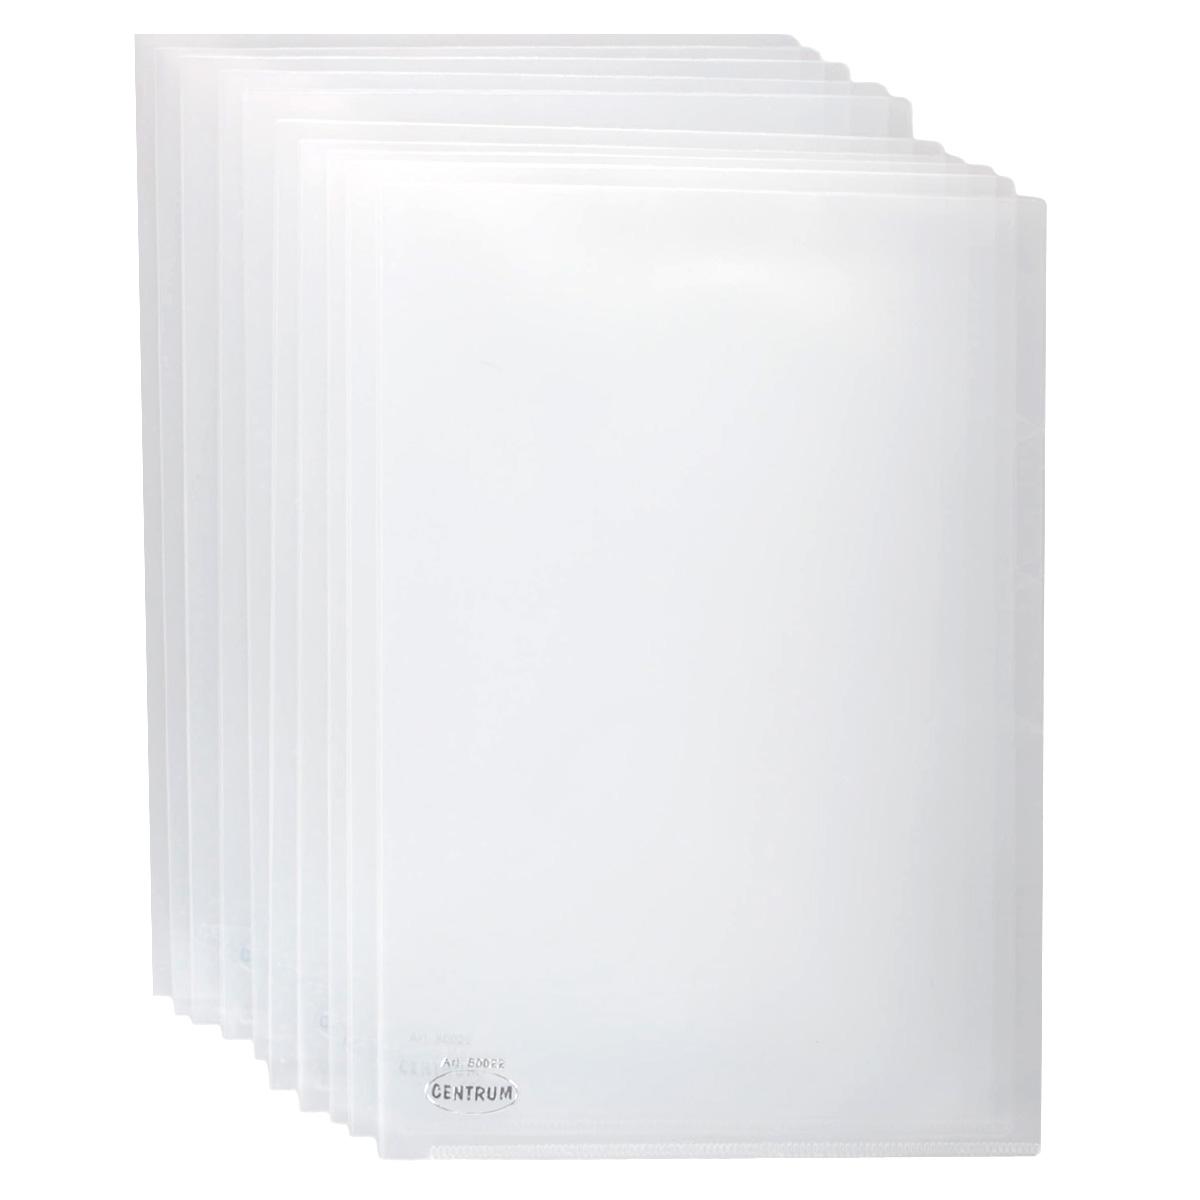 Папка-уголок Сentrum, 3 отделения, цвет: прозрачный. Формат А4, 10 шт80022_ прозрачныйПапка-уголок Centrum - это удобный и практичный офисный инструмент, предназначенный для хранения и транспортировки рабочих бумаг и документов формата А4. Папка изготовлена из прозрачного глянцевого пластика, имеет три отделения с индексами-табуляторами. В комплект входят 10 папок формата А4. Папка-уголок - это незаменимый атрибут для студента, школьника, офисного работника. Такая папка надежно сохранит ваши документы и сбережет их от повреждений, пыли и влаги.